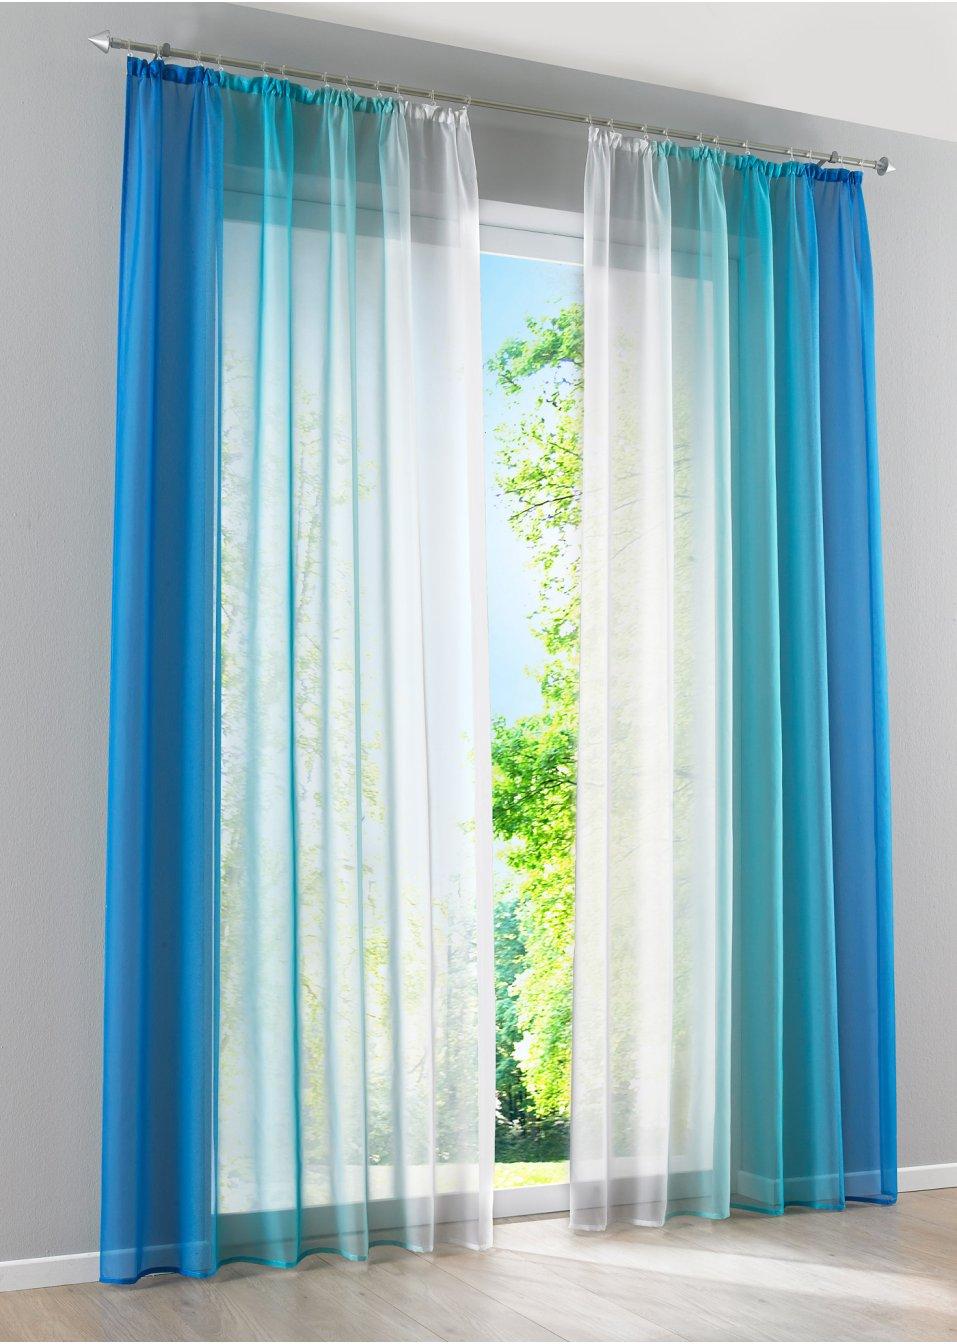 Full Size of Bon Prix Vorhänge Farblicher Hingucker Fr Dein Fenster Blau Schlafzimmer Wohnzimmer Küche Bonprix Betten Wohnzimmer Bon Prix Vorhänge